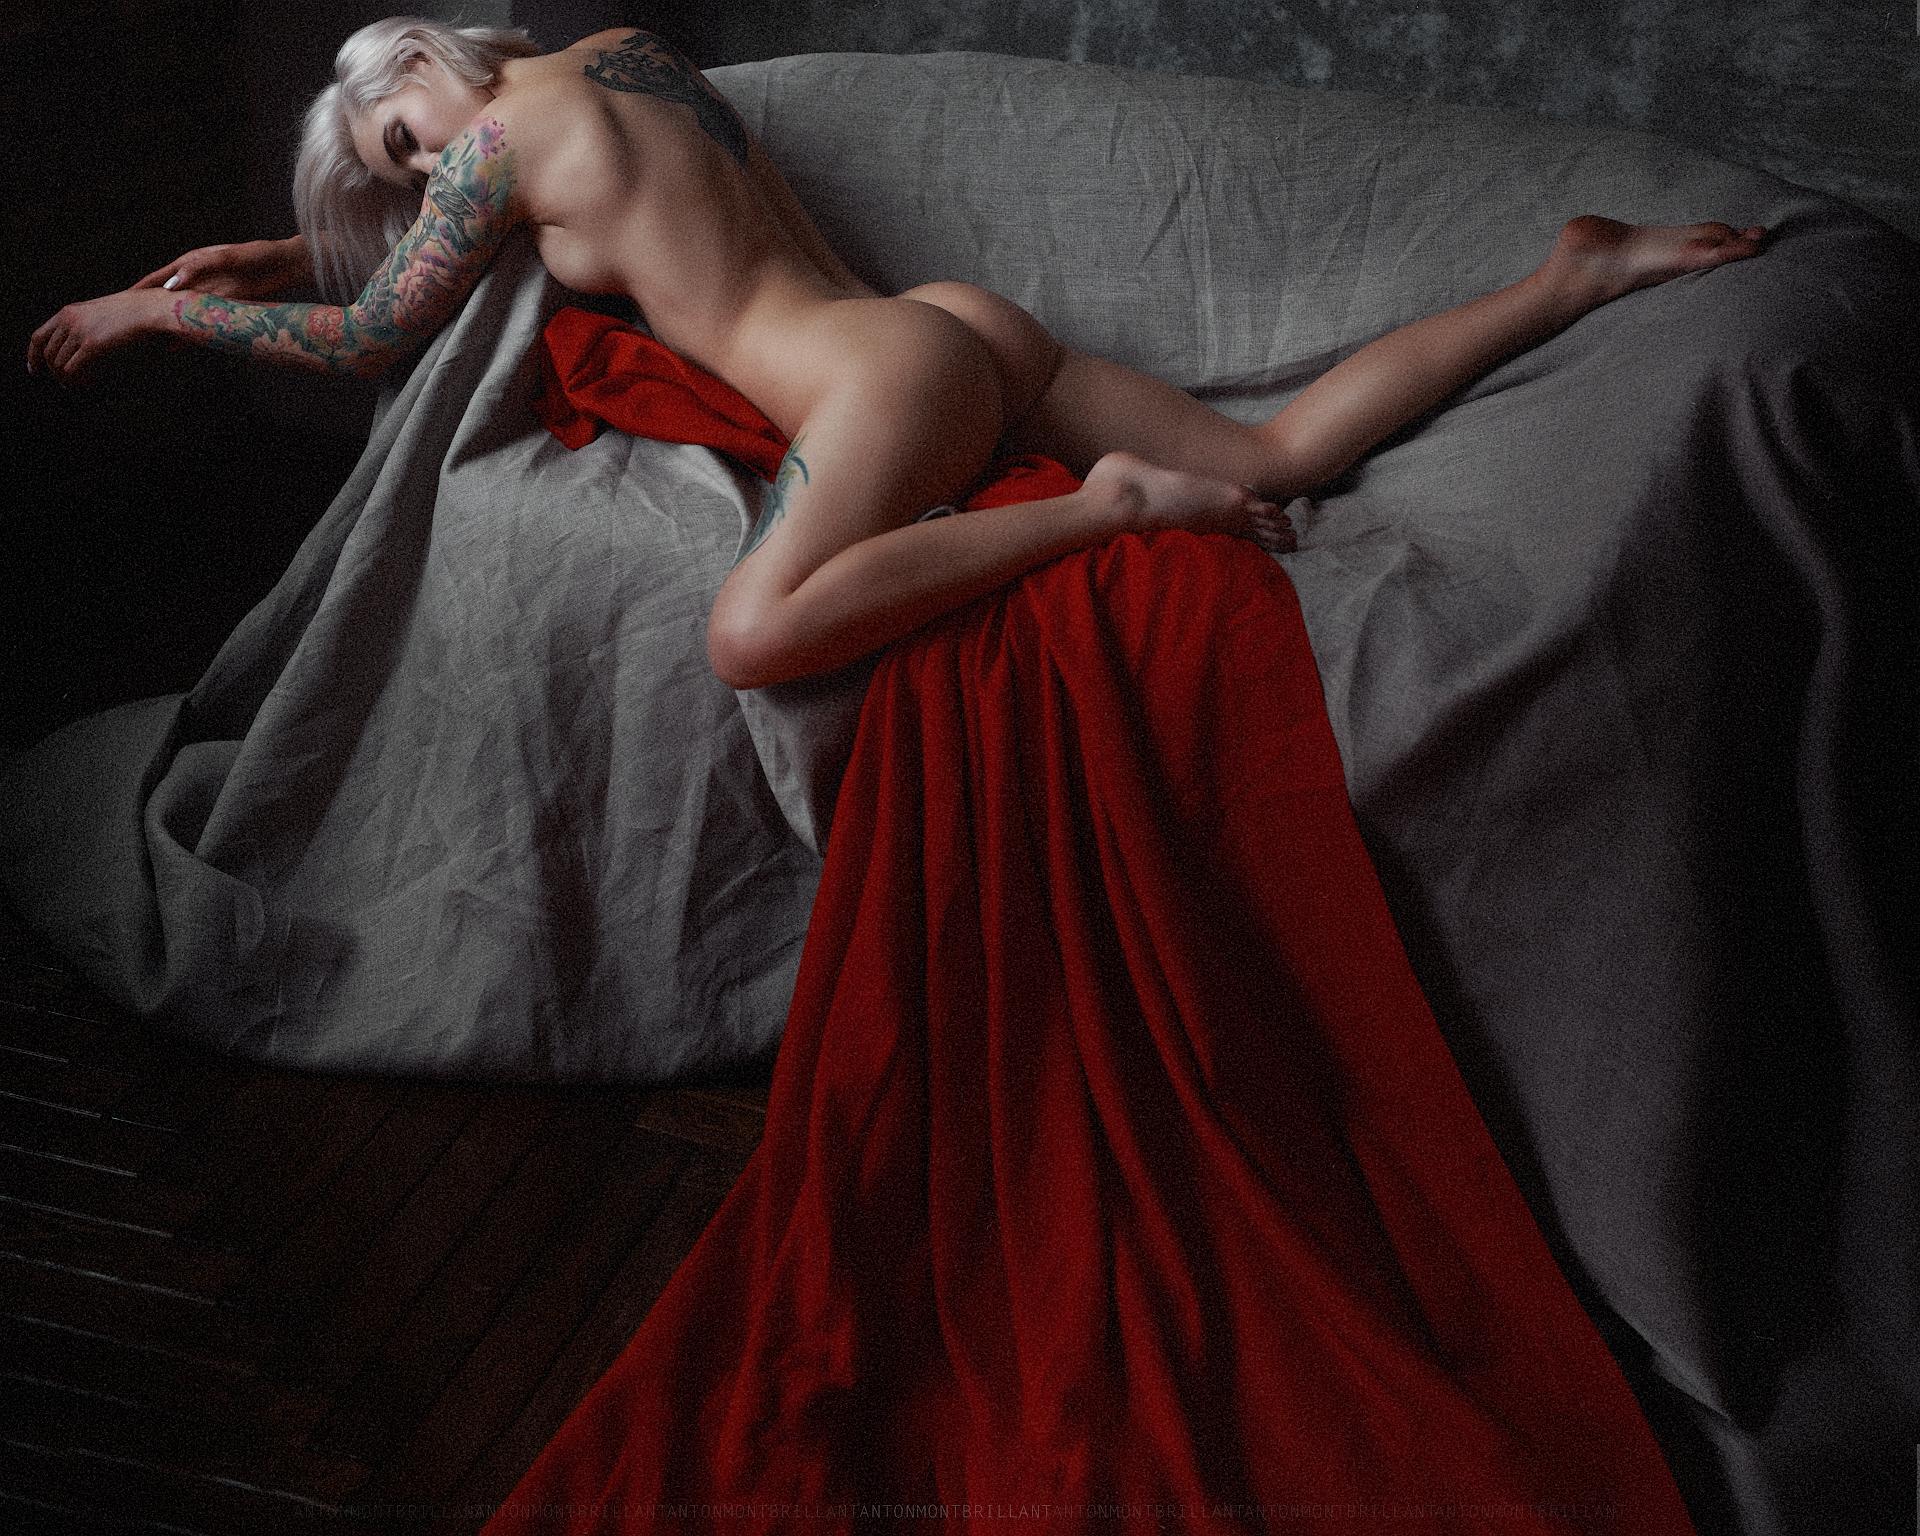 Под темным покровом / фото Anton Montbrillant